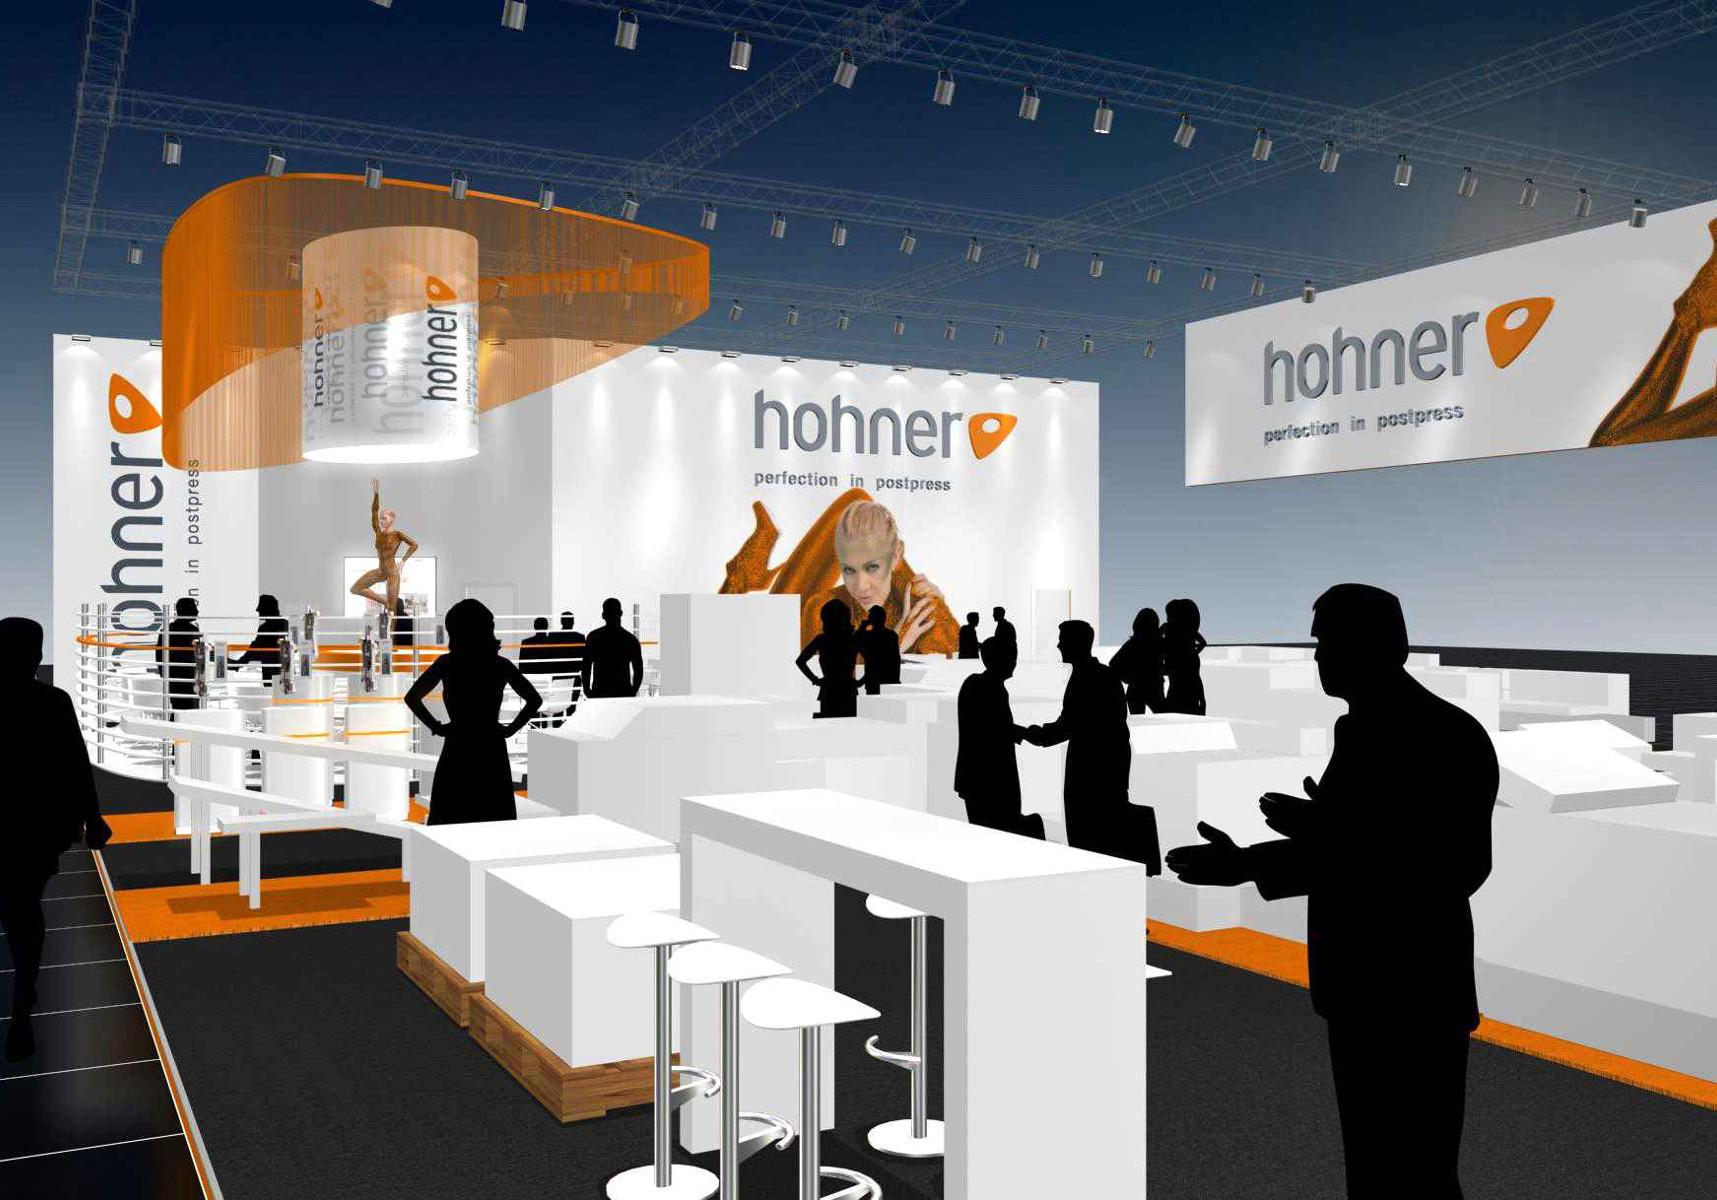 Hohner Messestand Drupa Düsseldorf Visualisierung 3